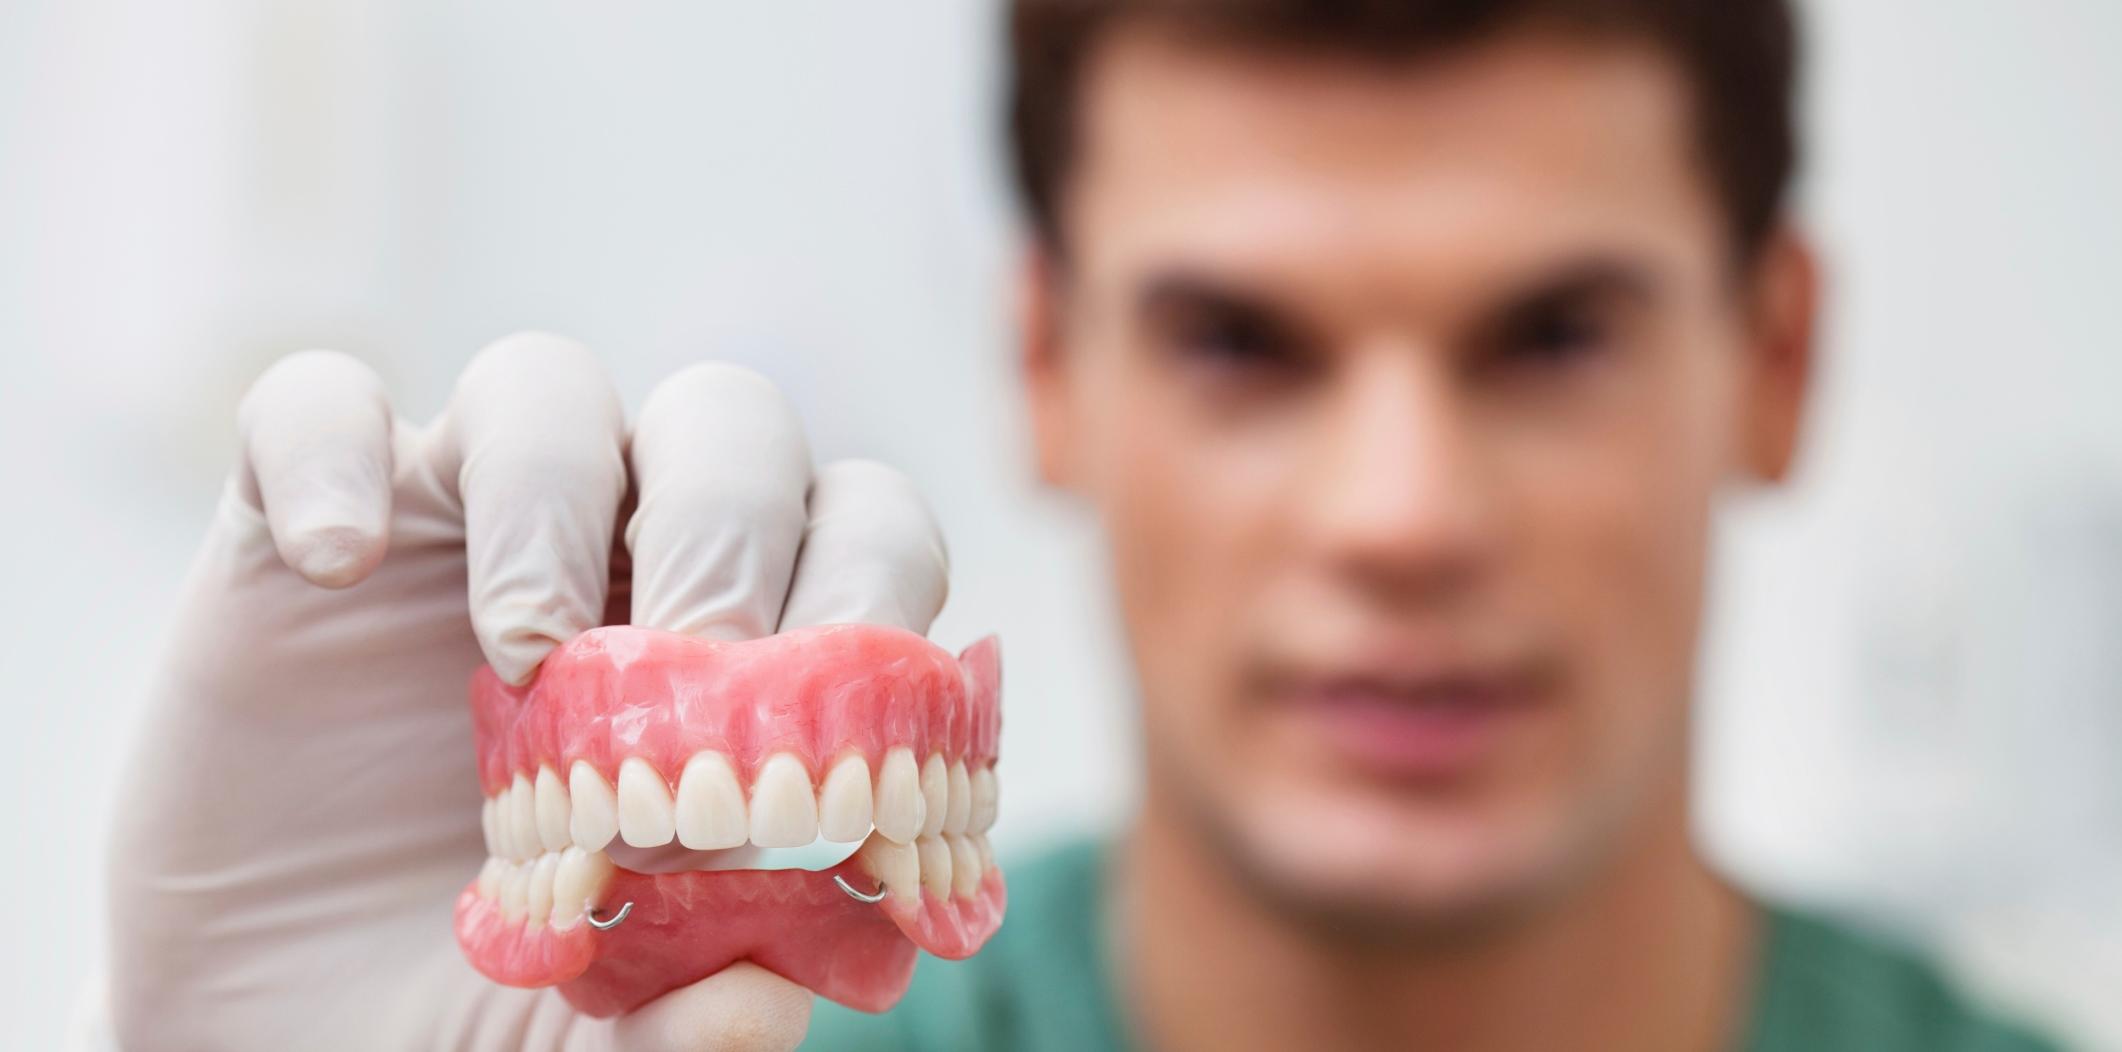 Кривые зубы у детей и взрослых: причины, способы лечения, влияние на челюсть